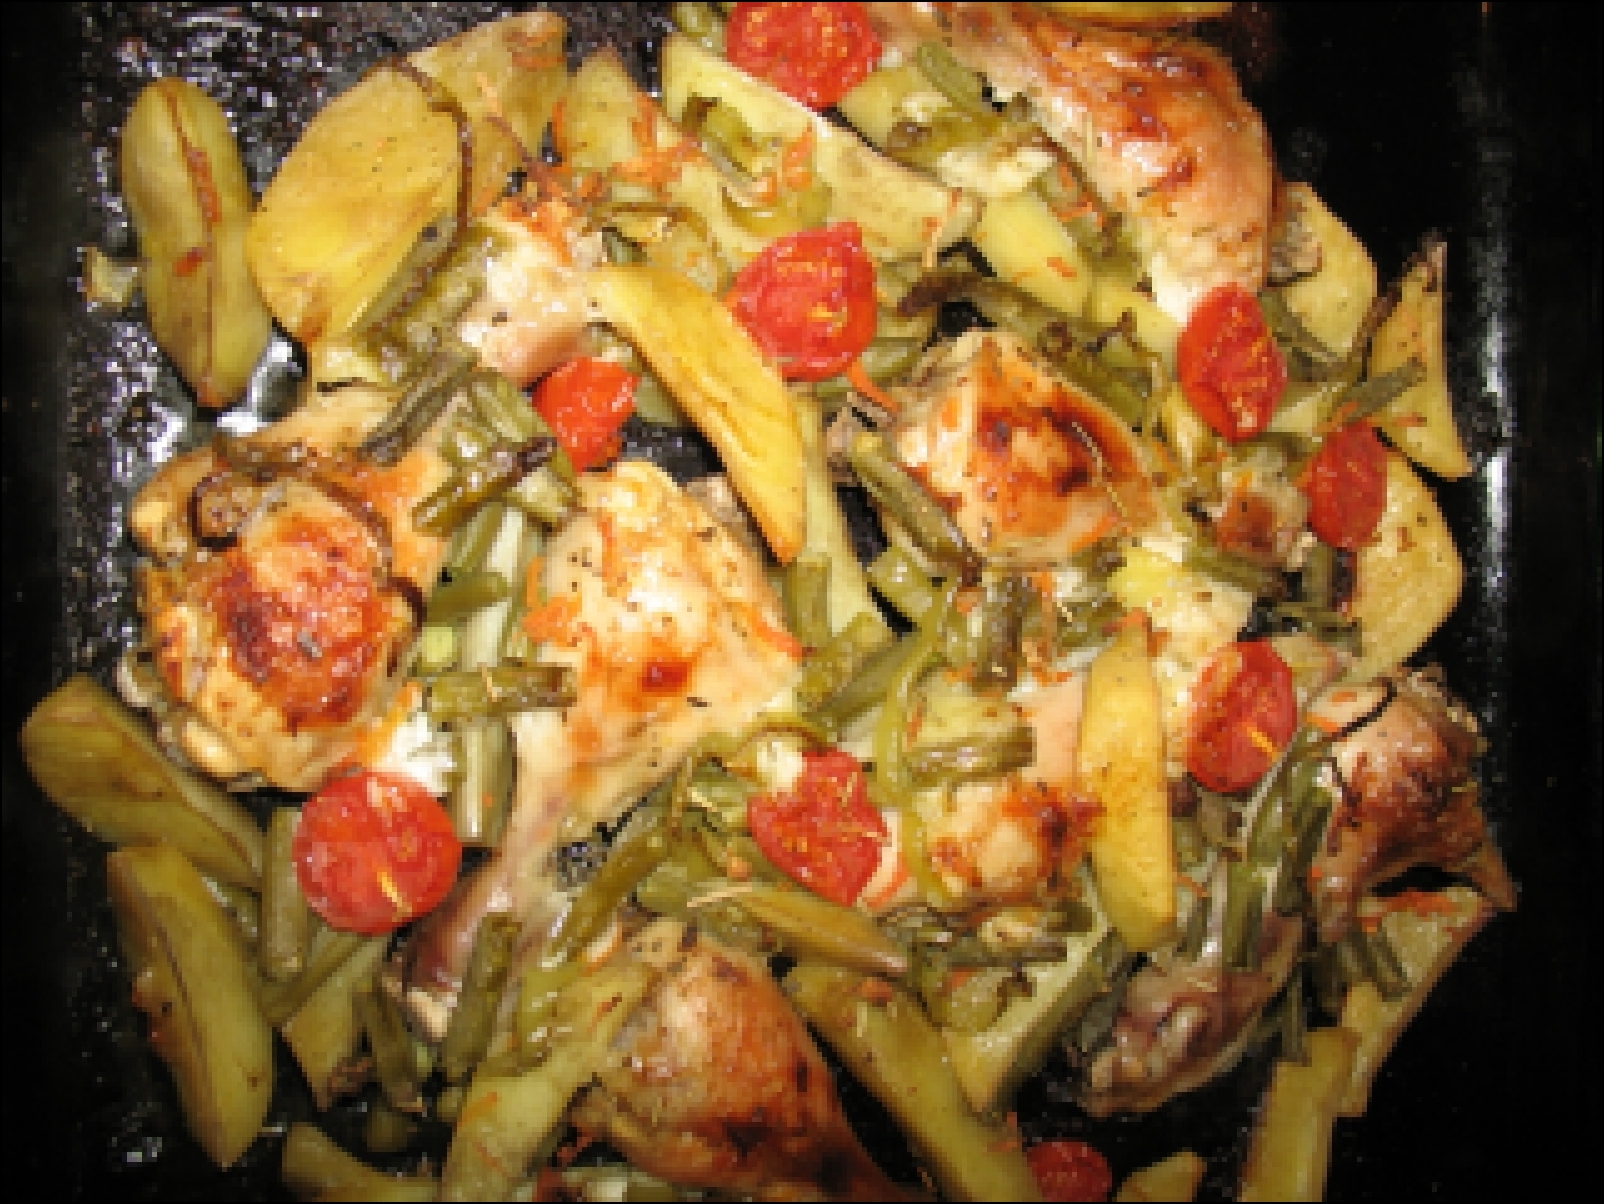 блюда с лавашом рецепты с фото простые и вкусные